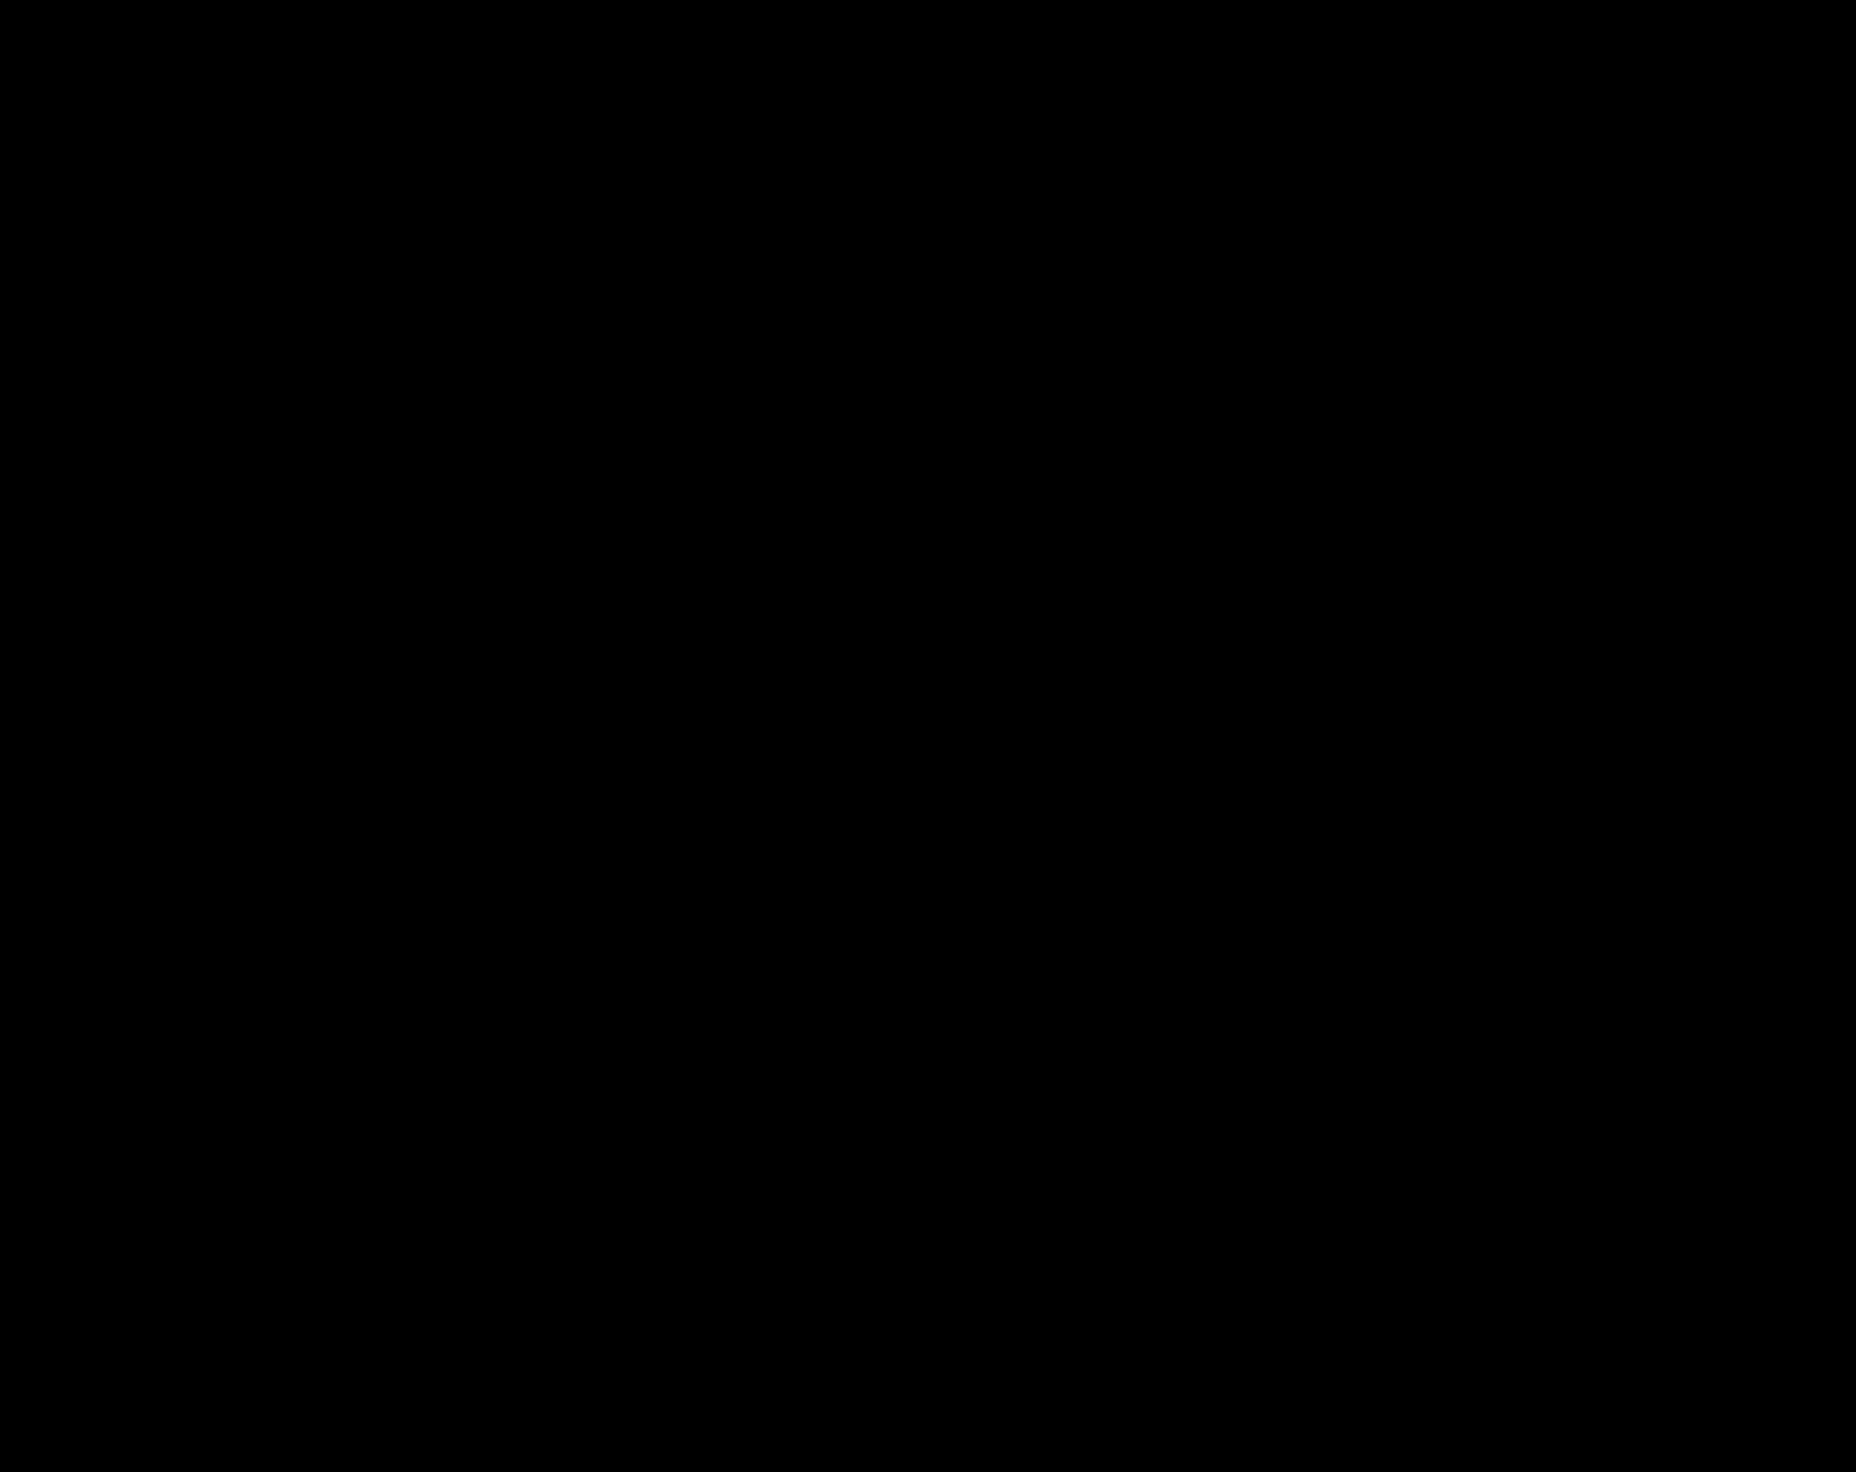 Petite Friture -Goutal - Prada -Yves Saint Laurent Beauty -Goutal -Maria Luisa -Suze -Cointreau -Jean-Paul Gaultier - Le Festival du Film de Fesses - Yoô -Sephora - Elsa Muse -Lancel -